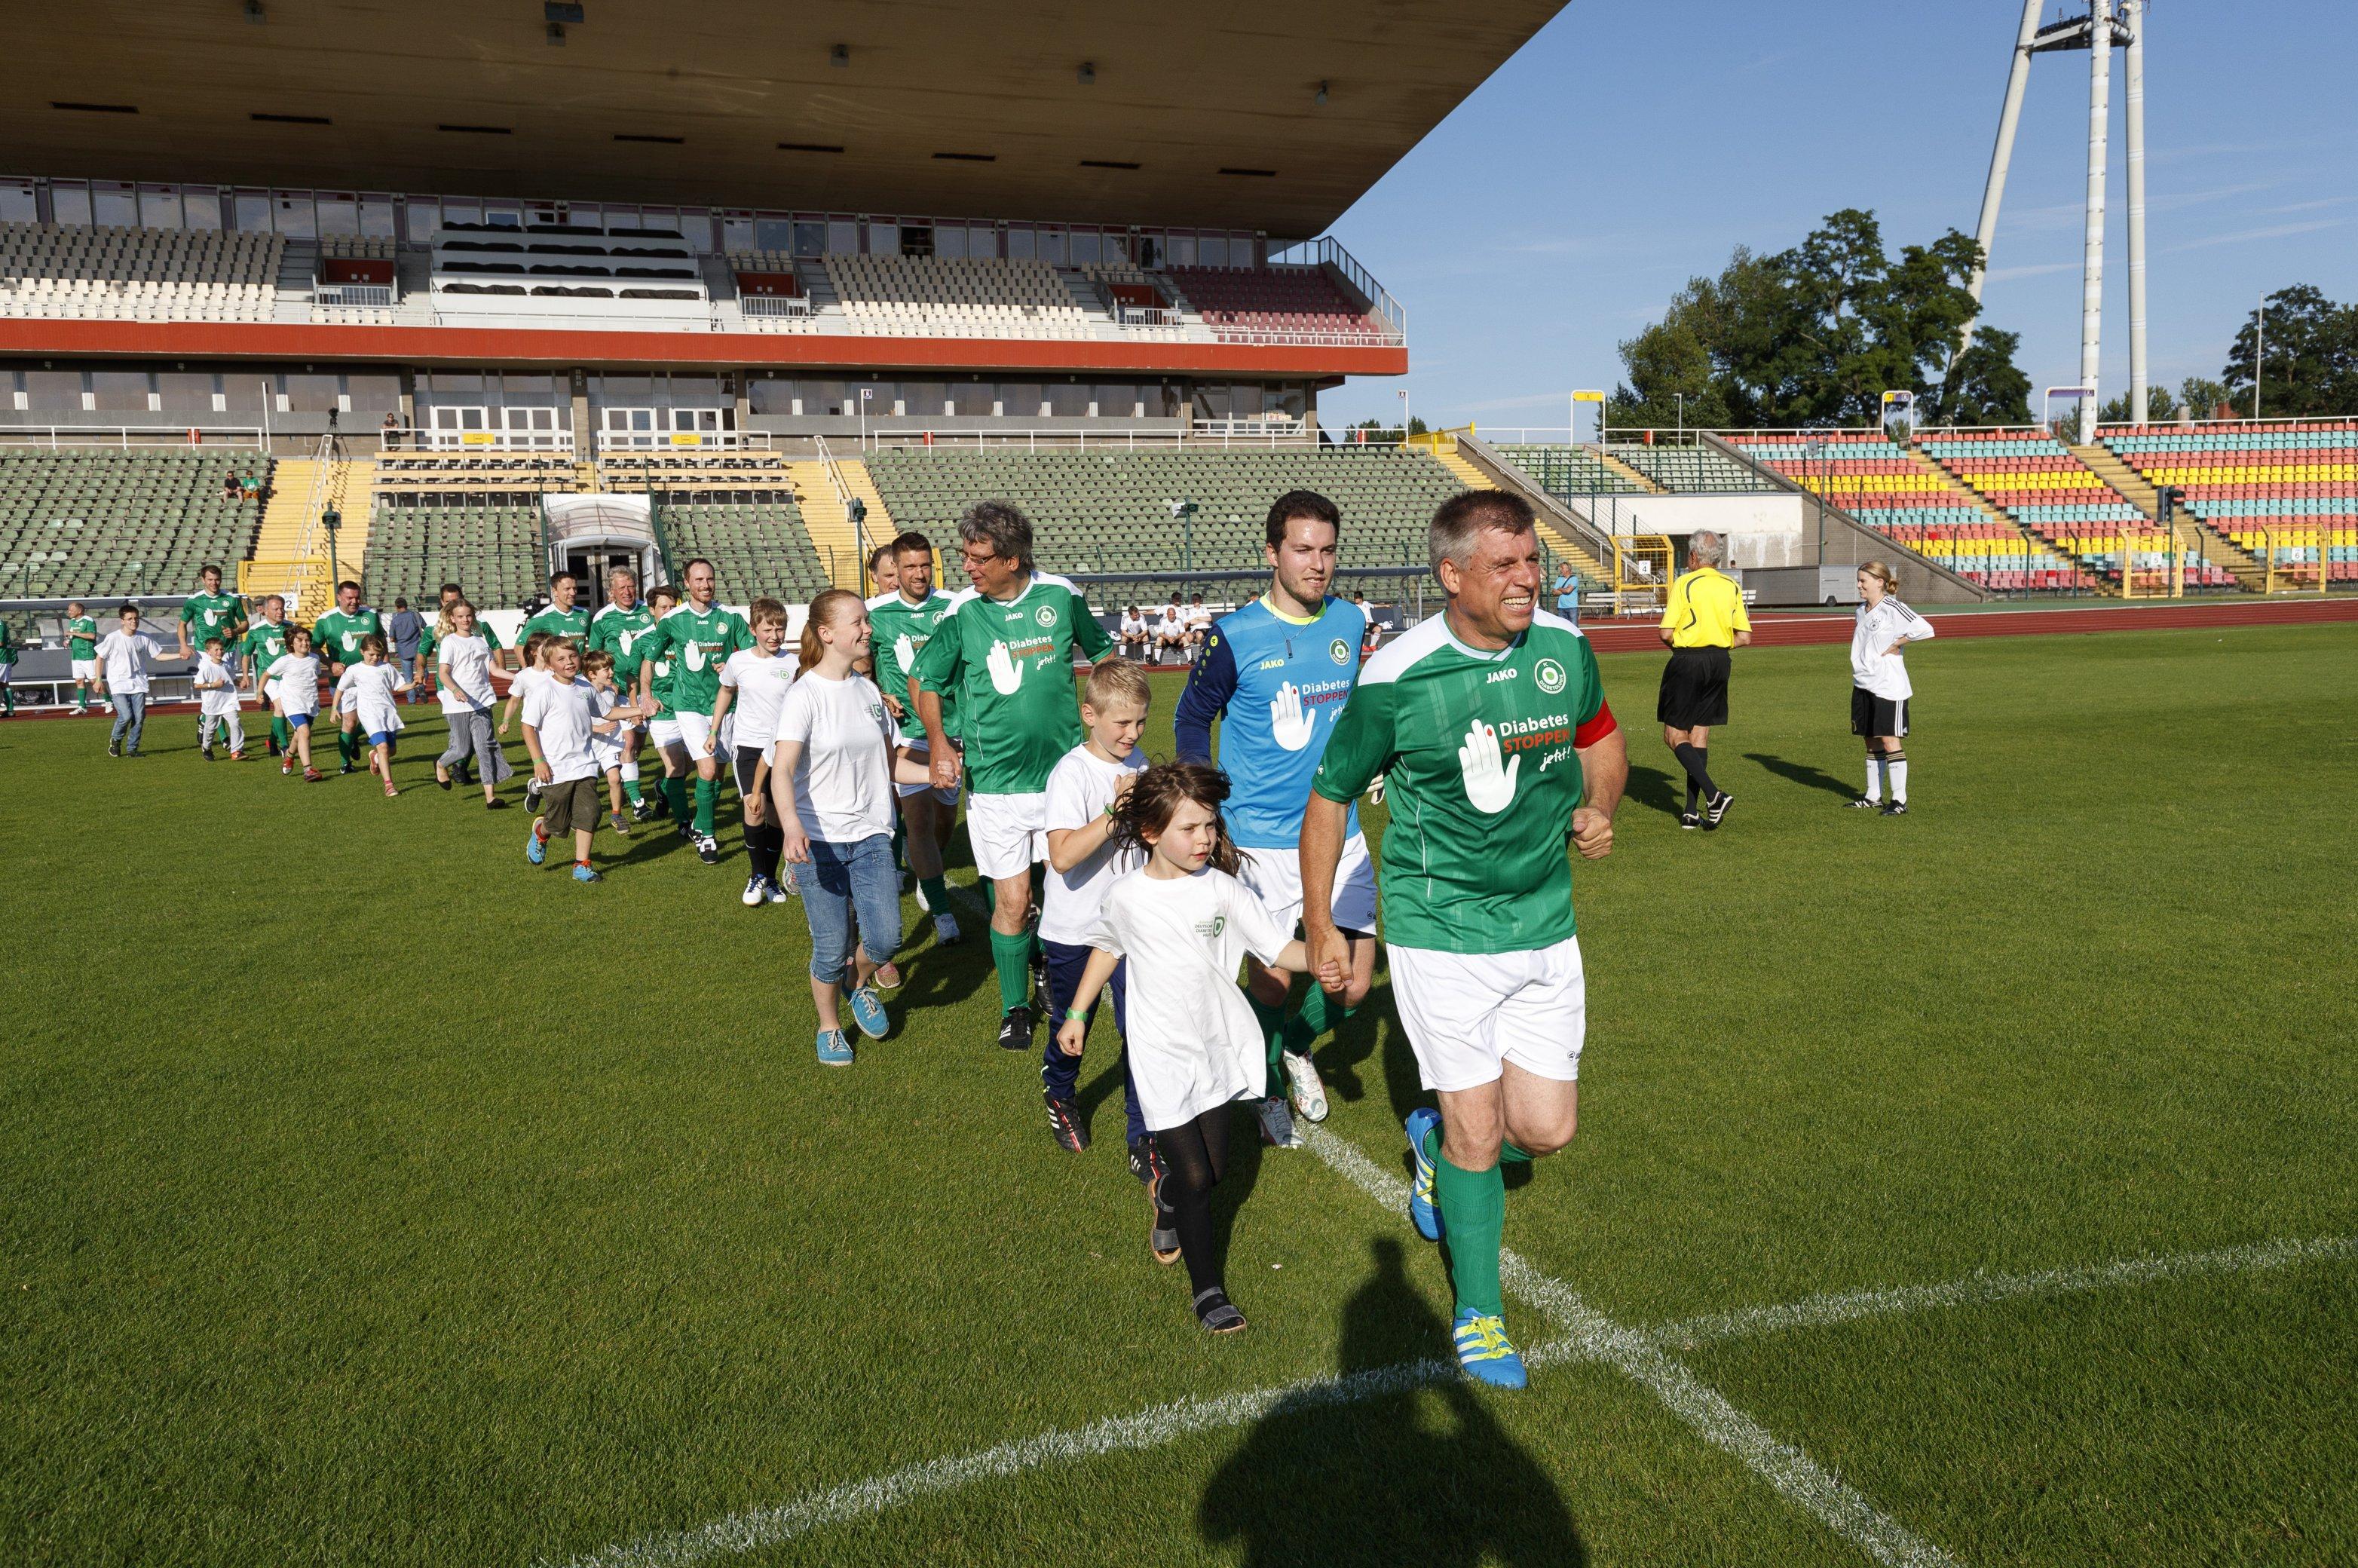 Fußballspiel FC Bundestag vs. FC Diabetologie 2017 - Einlaufkinder